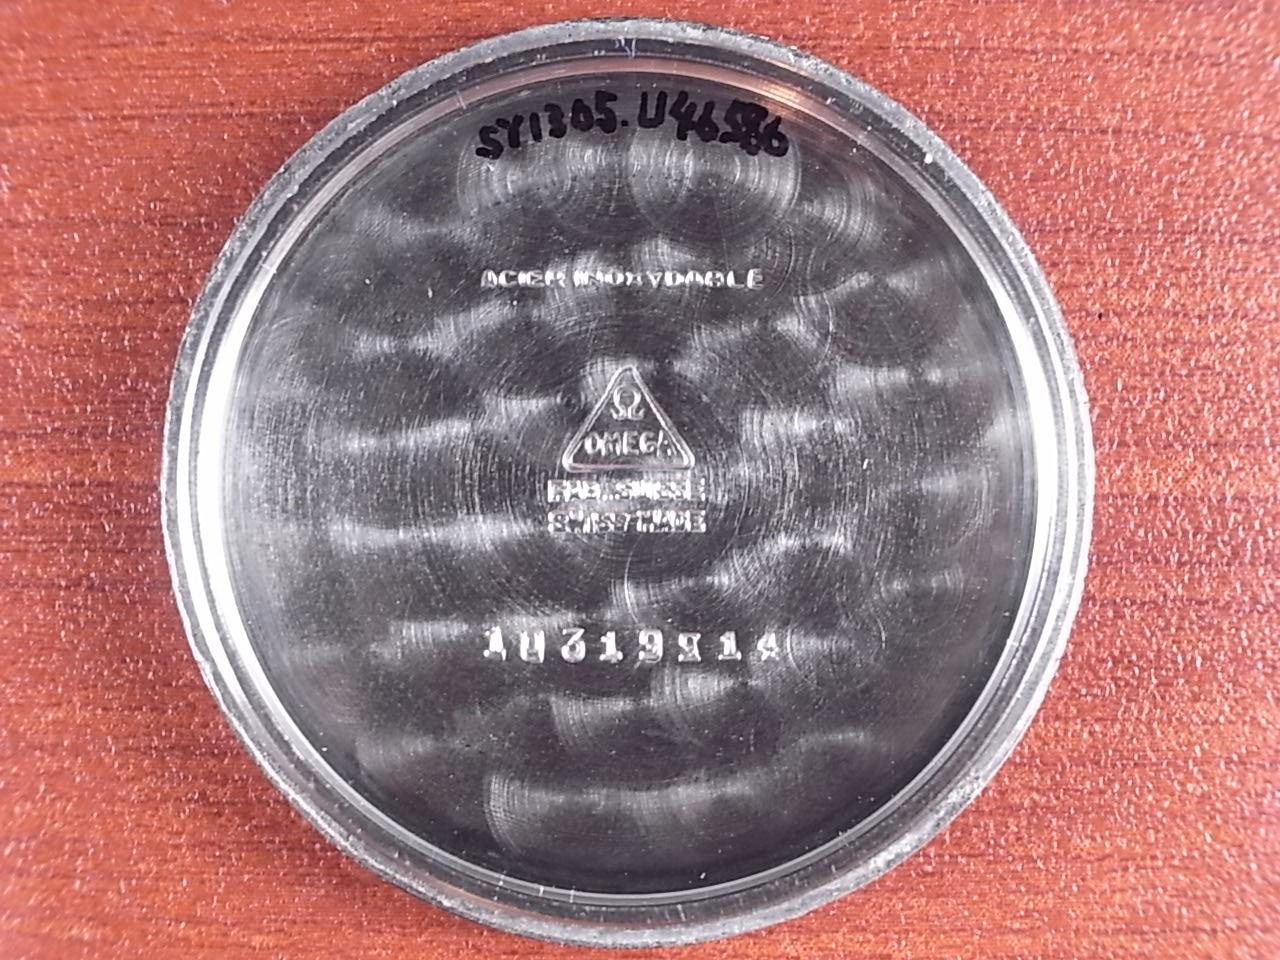 オメガ ボーイズサイズ キャリバー26.5T3 1940年代の写真6枚目